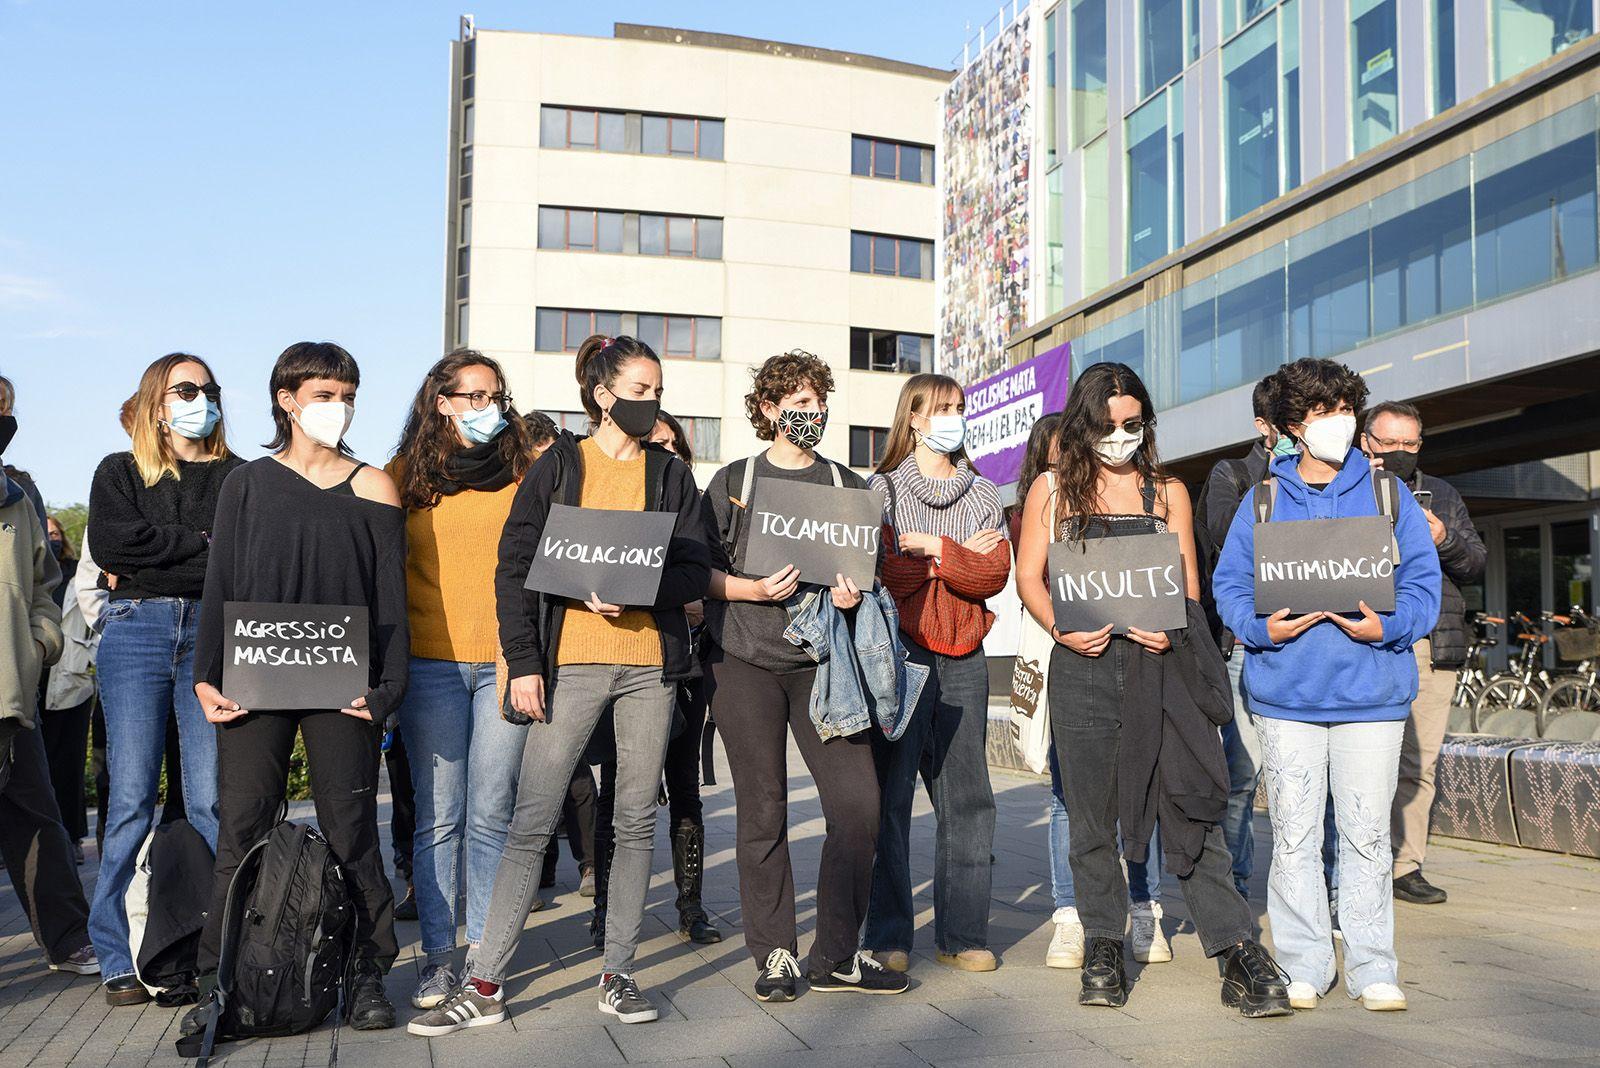 Concentració feminista denuncia l'abús sexual a una menor. Fotos Bernat Millet 7